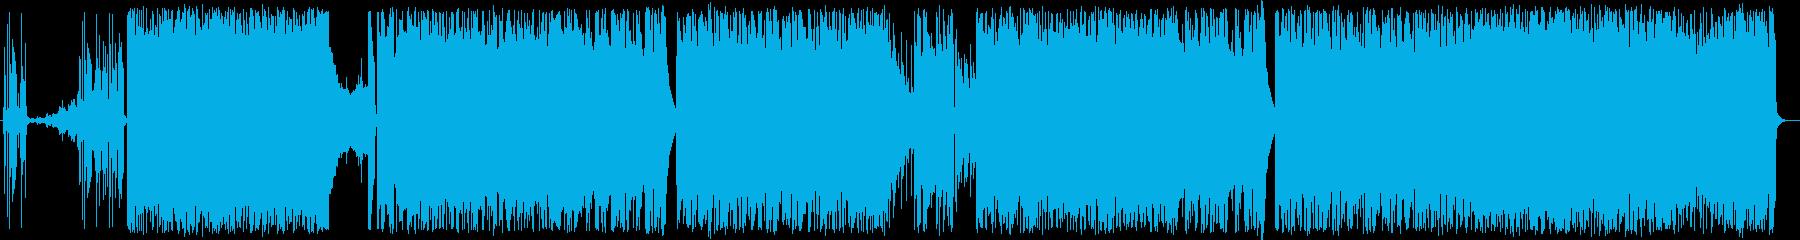 民族っぽい軽快で疾走するテクノポップの再生済みの波形